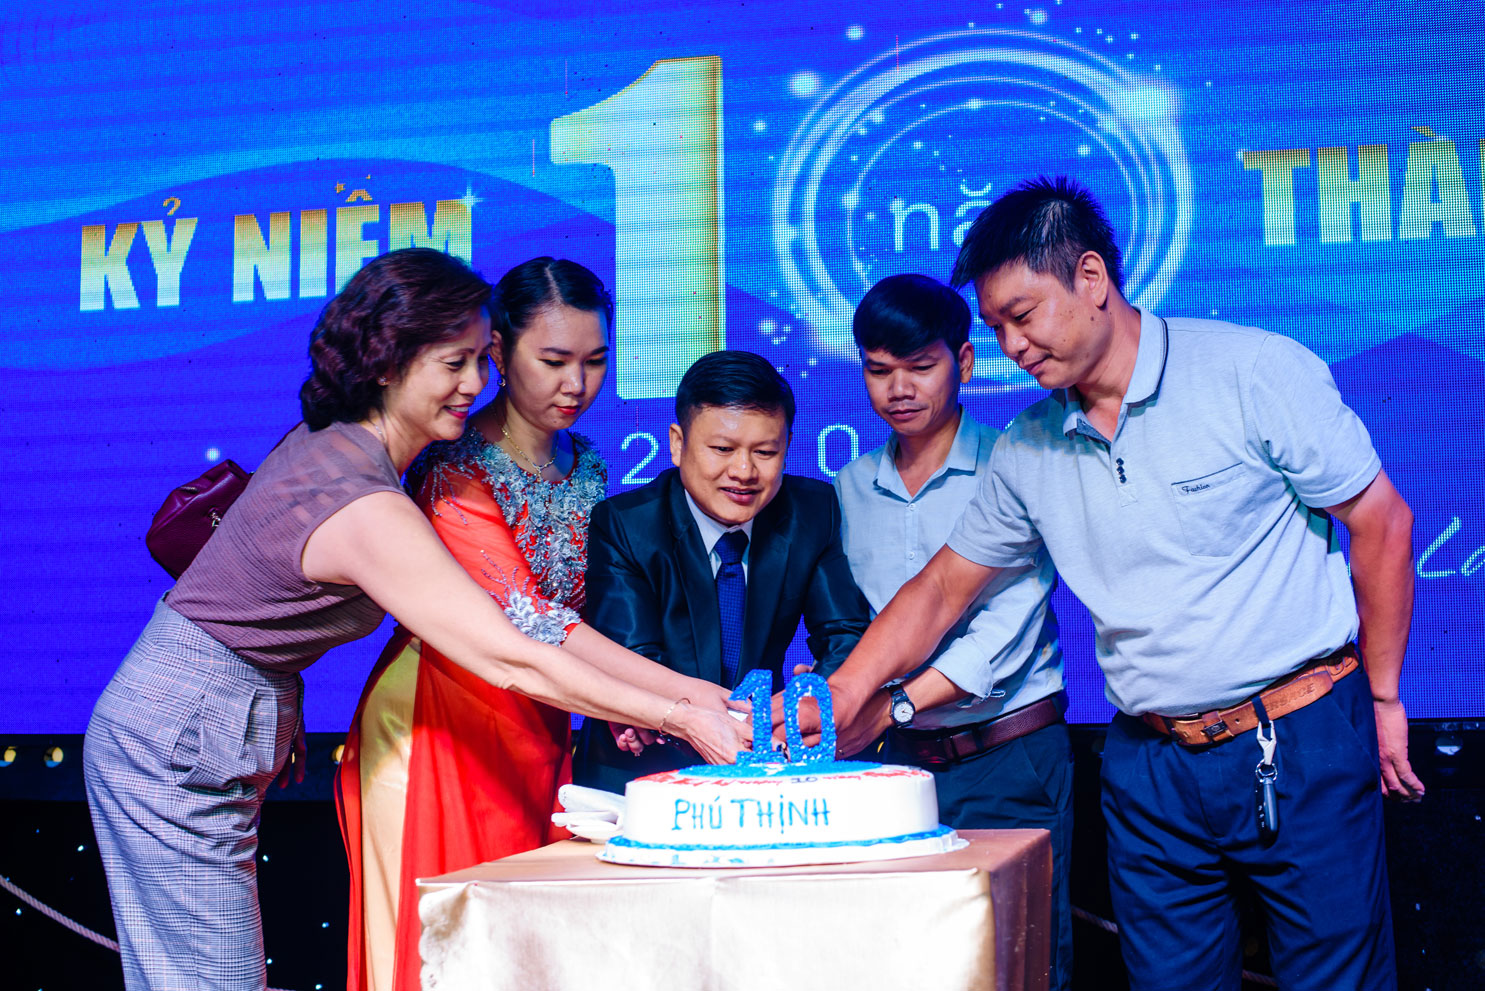 BGĐ Thép công nghiệp Phú Thịnh cùng chung tay cắt bánh chúc mừng với đối tác